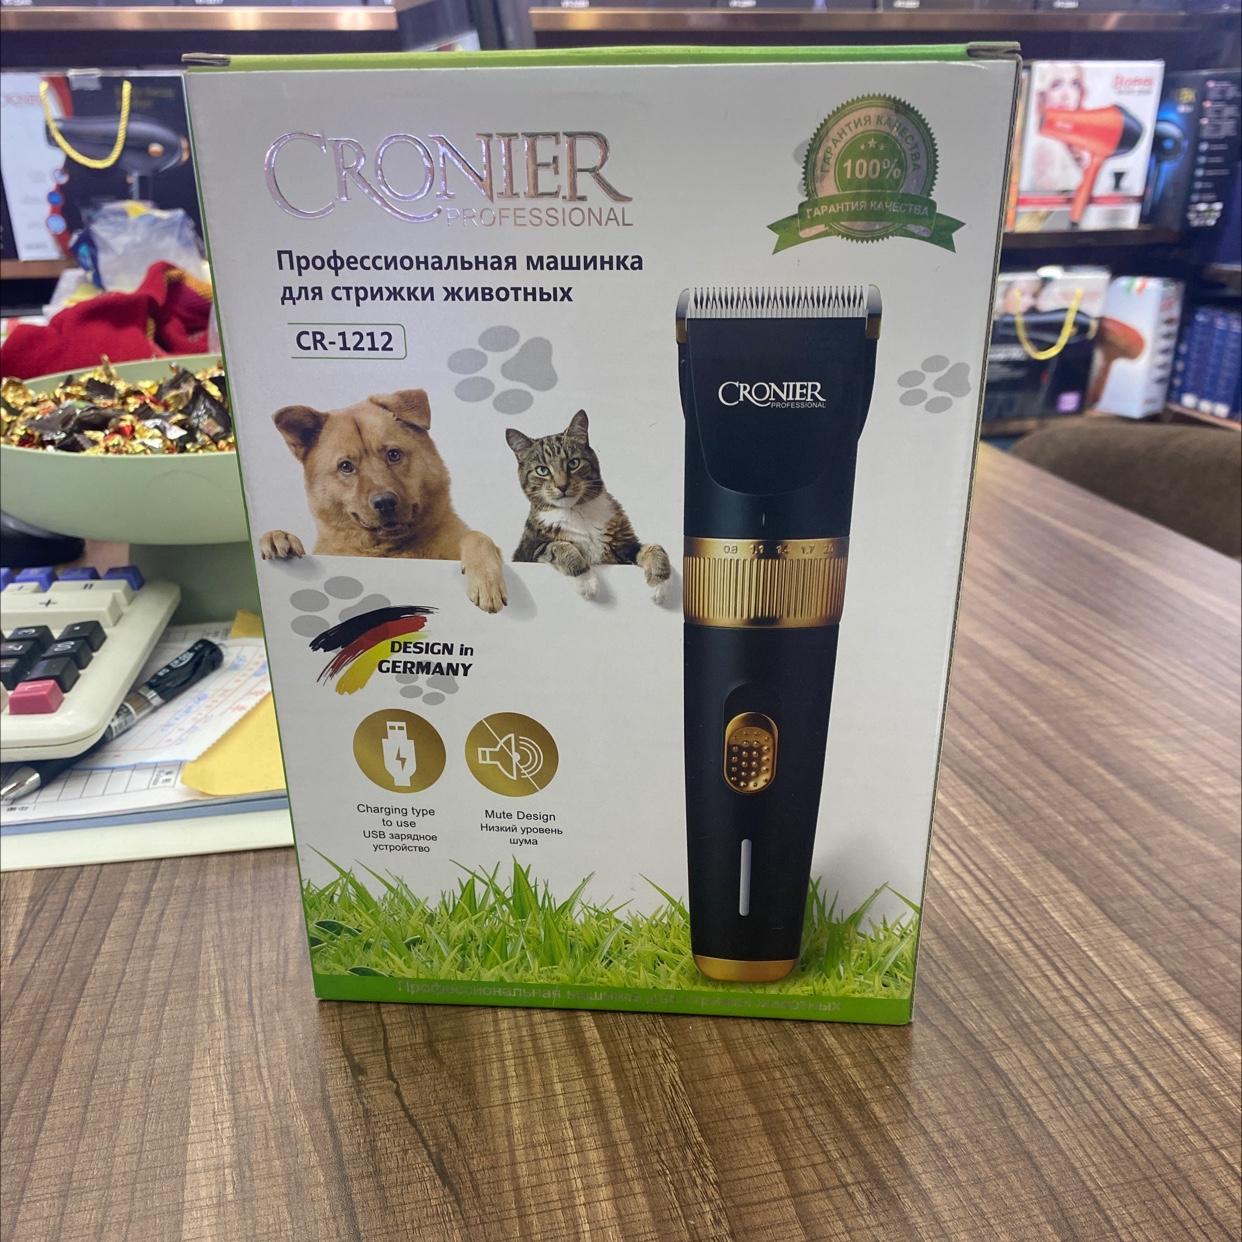 宠物剪宠物剃毛器USB款CR-1212